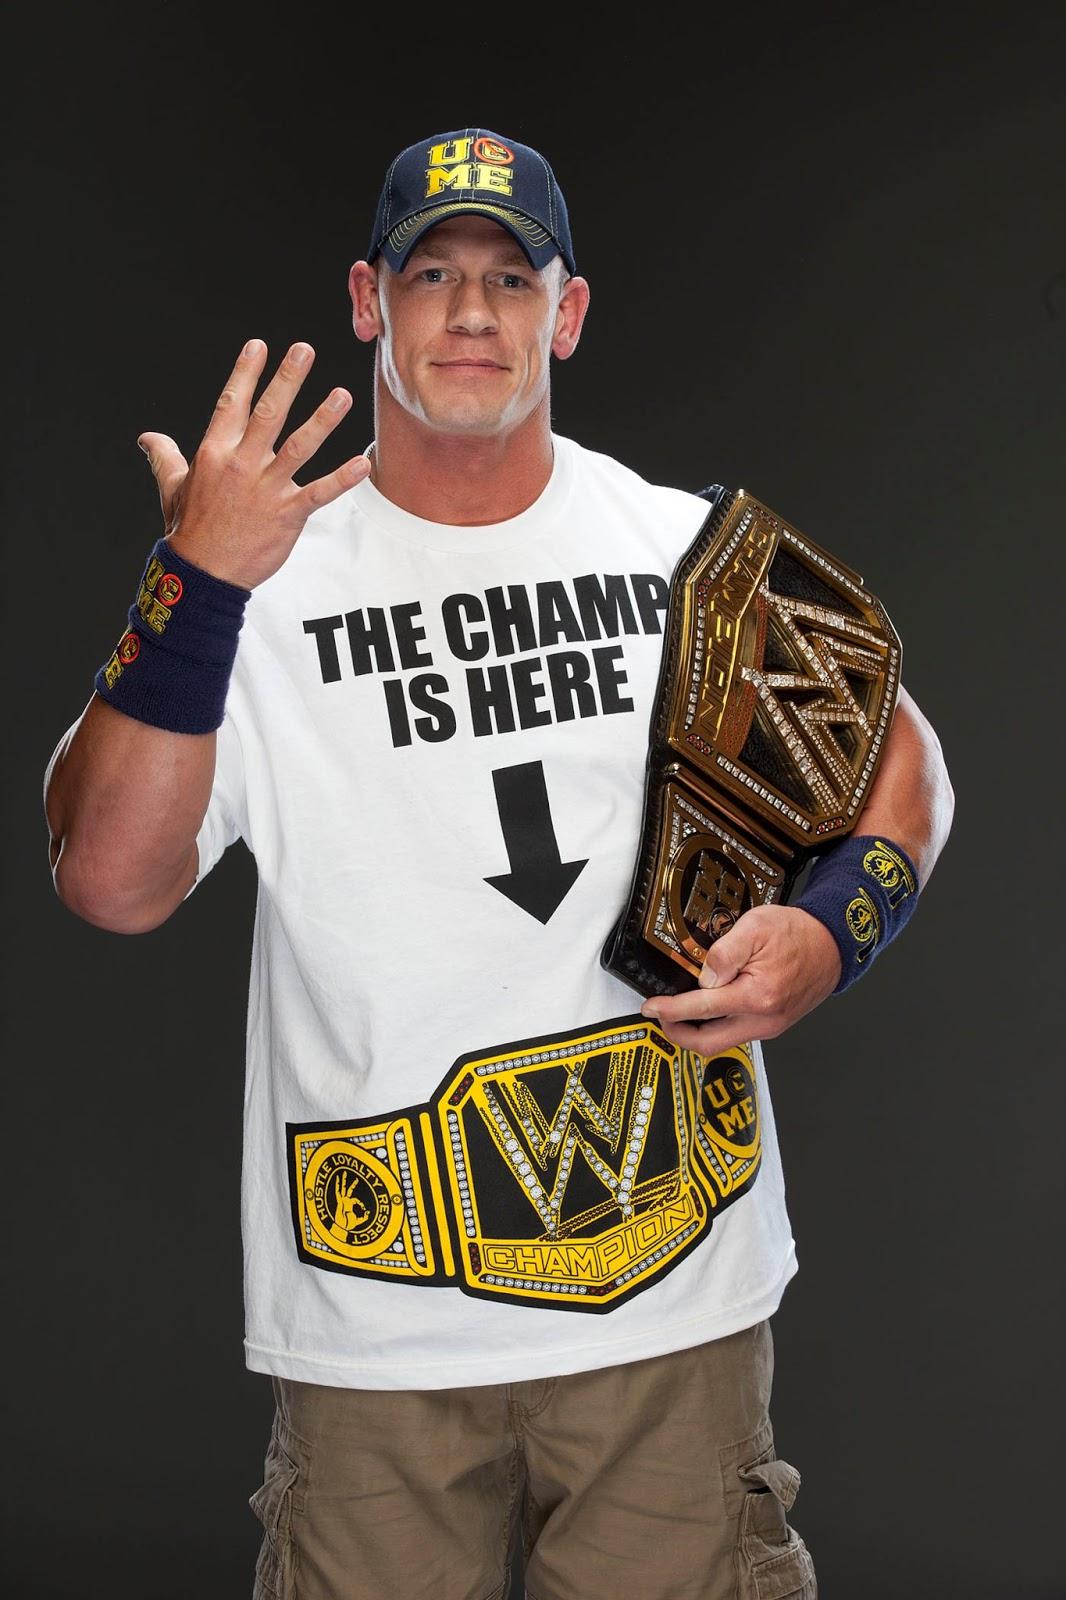 WWE132KTALKS  WWE132KTALKS